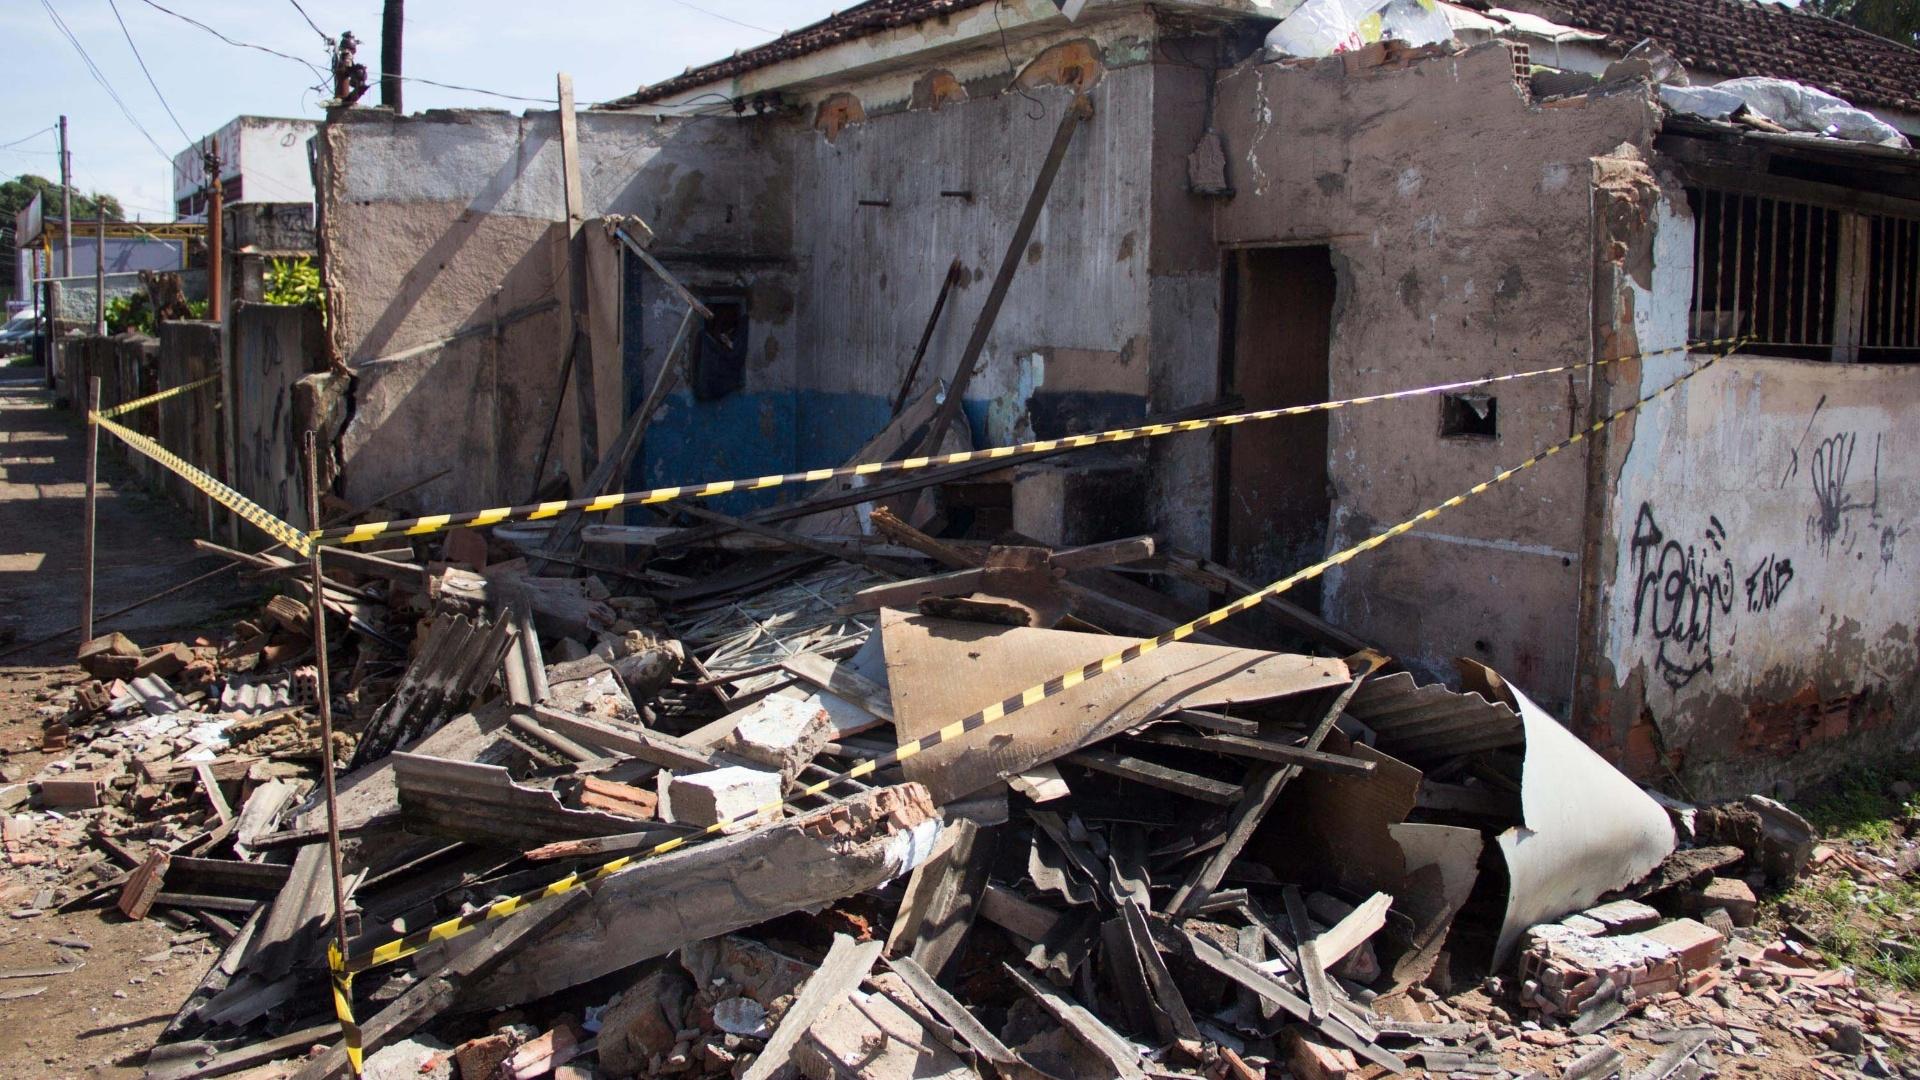 6.dez.2013 - Estragos provocados pelo temporal da noite desta quinta-feira (5), são vistos na manhã desta sexta-feira (6), no bairro de Comendador Soares, em Nova Iguaçu (RJ). Uma mulher de 60 anos, identificada como Vera Lúcia, morreu após a casa em que estava desabar